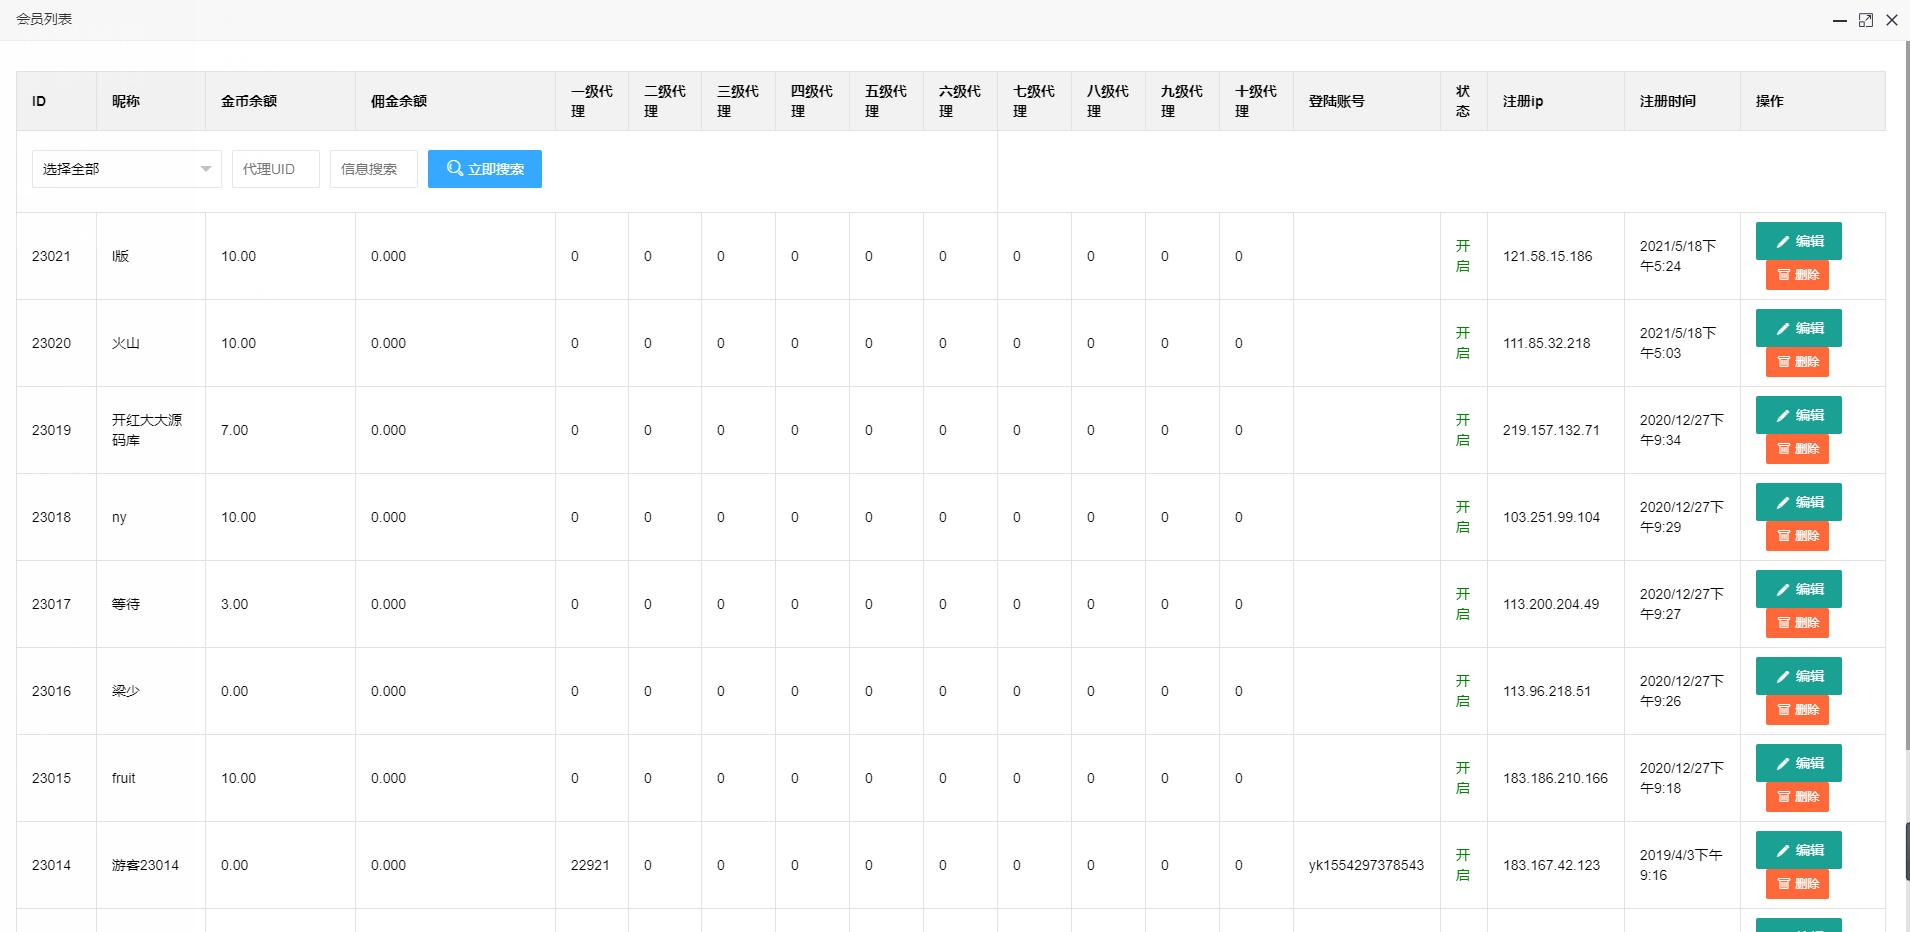 【亲测】H5飞禽走兽无授权版 完美运营+完整数据+详细教程 完整数据 完美运营 无授权版 飞禽走兽 H5 H5棋牌源码 第8张